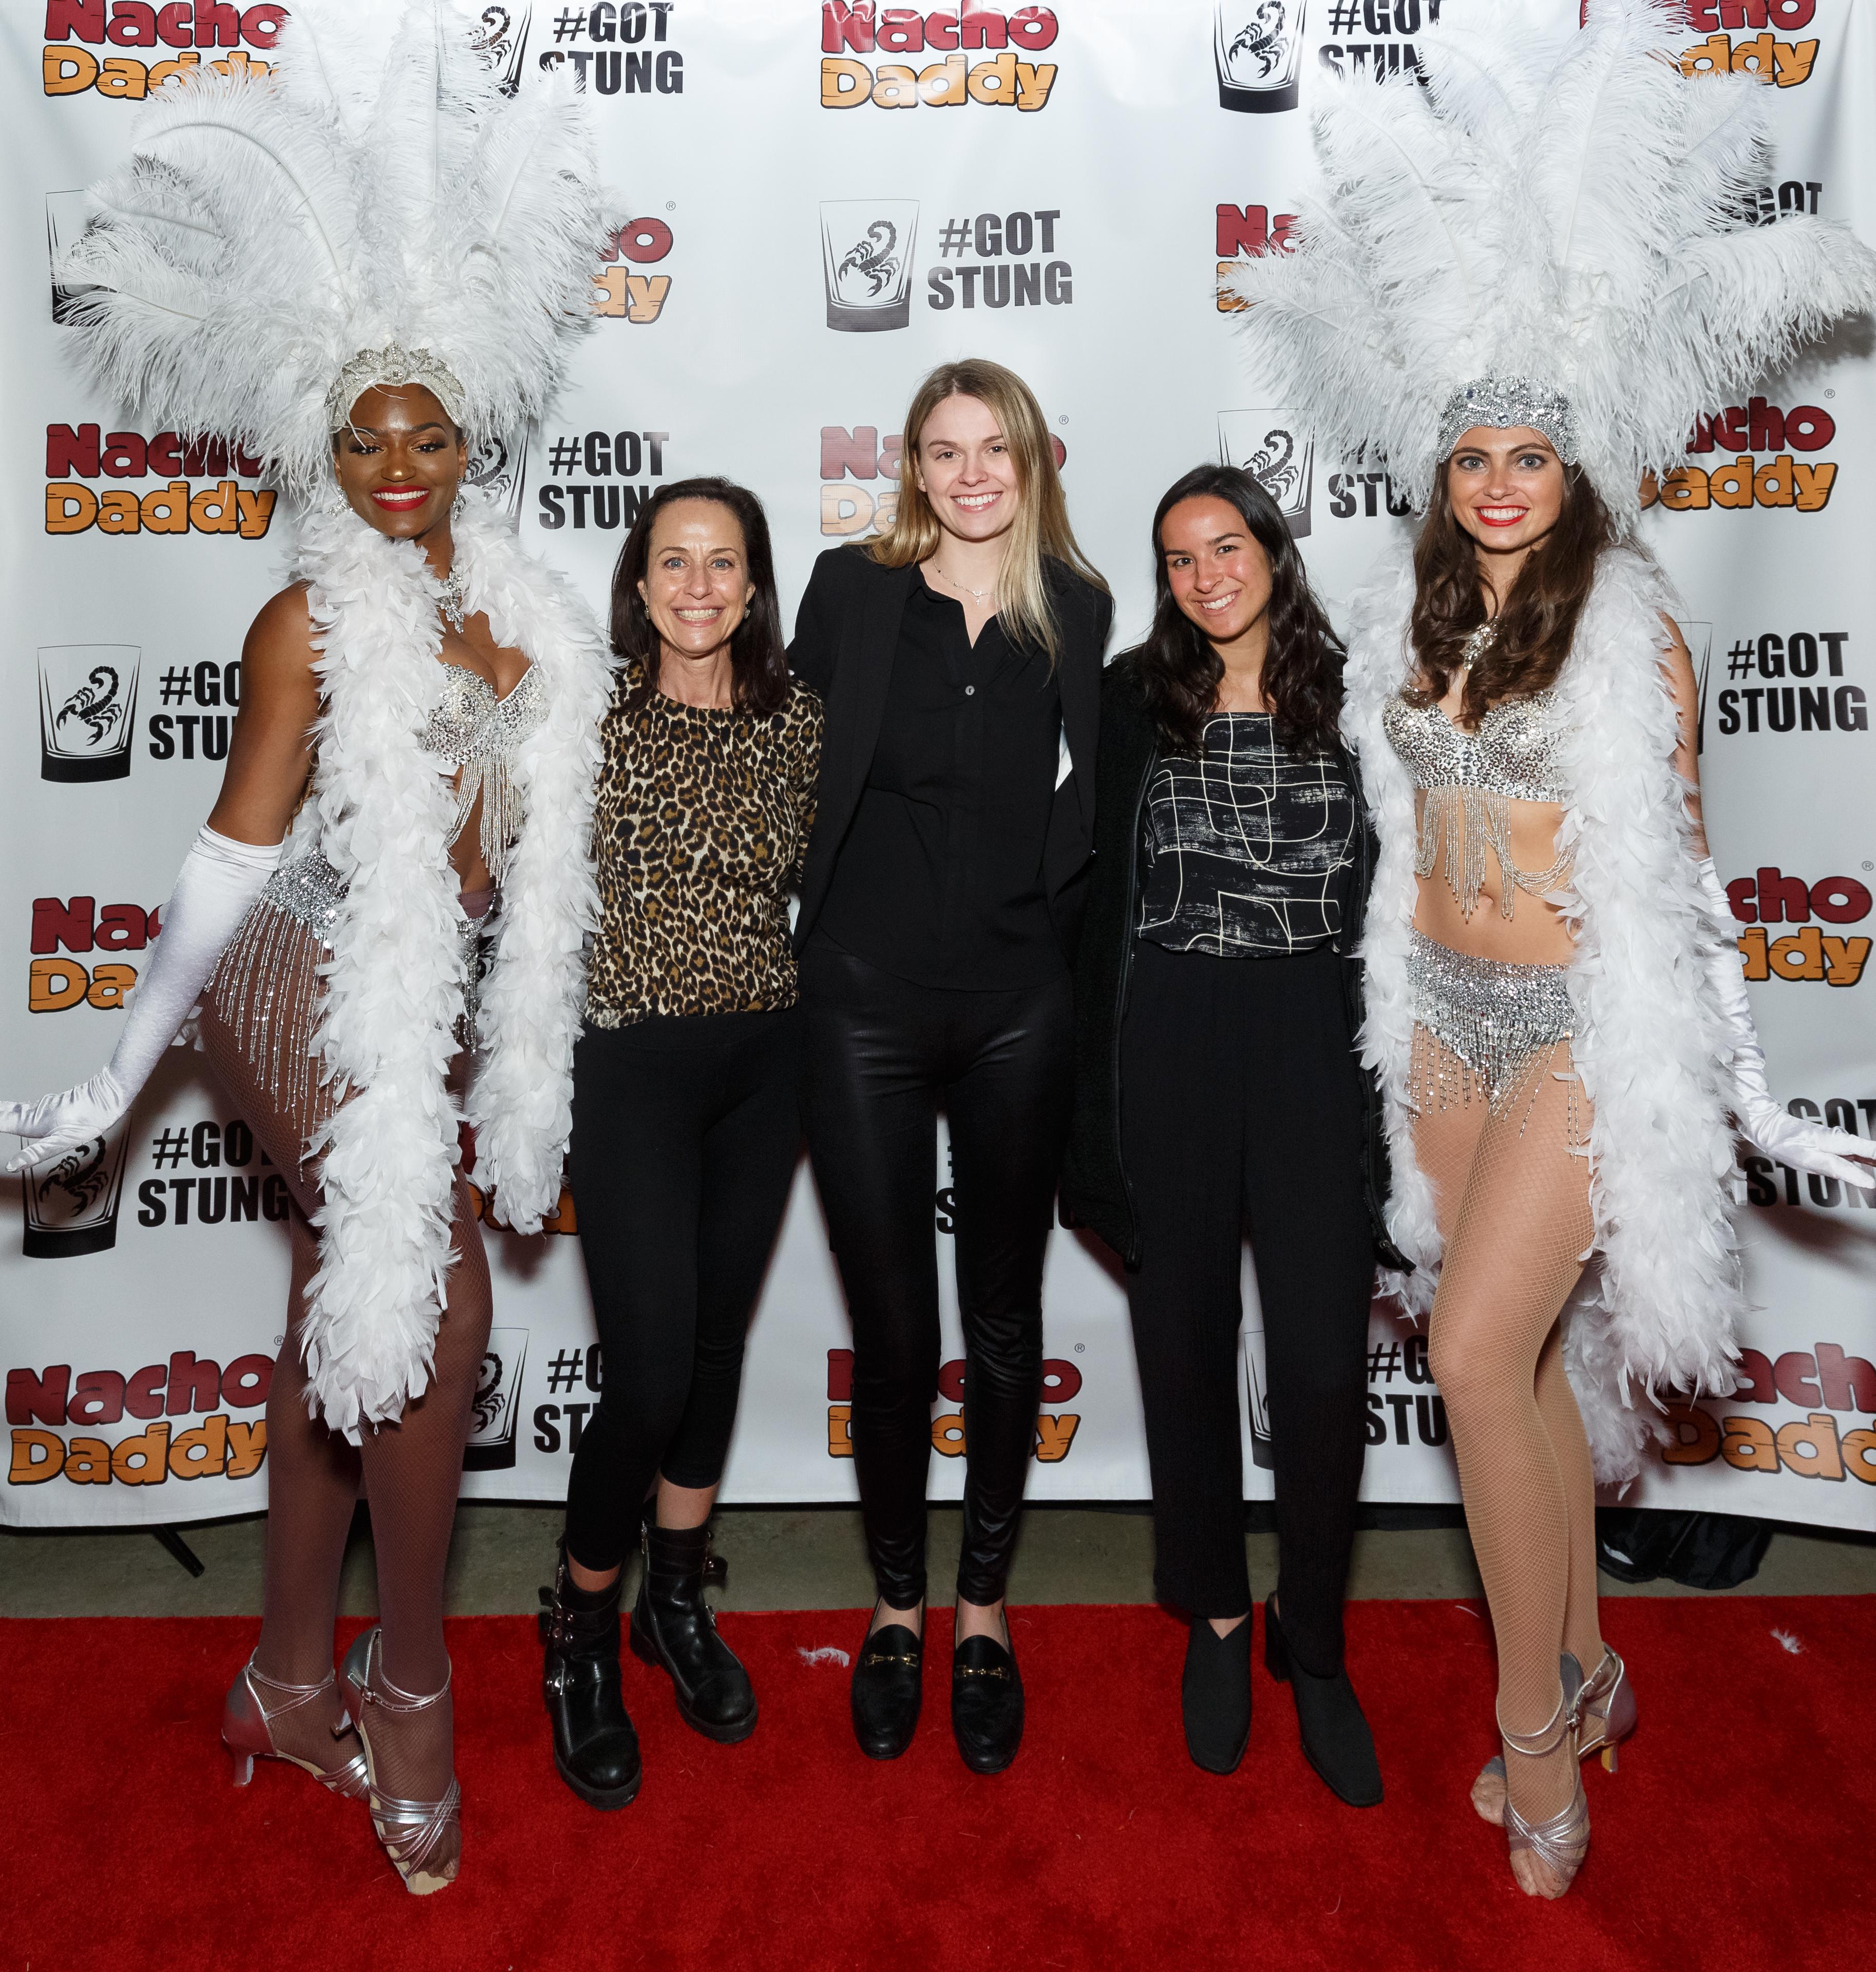 LLPR team showgirls